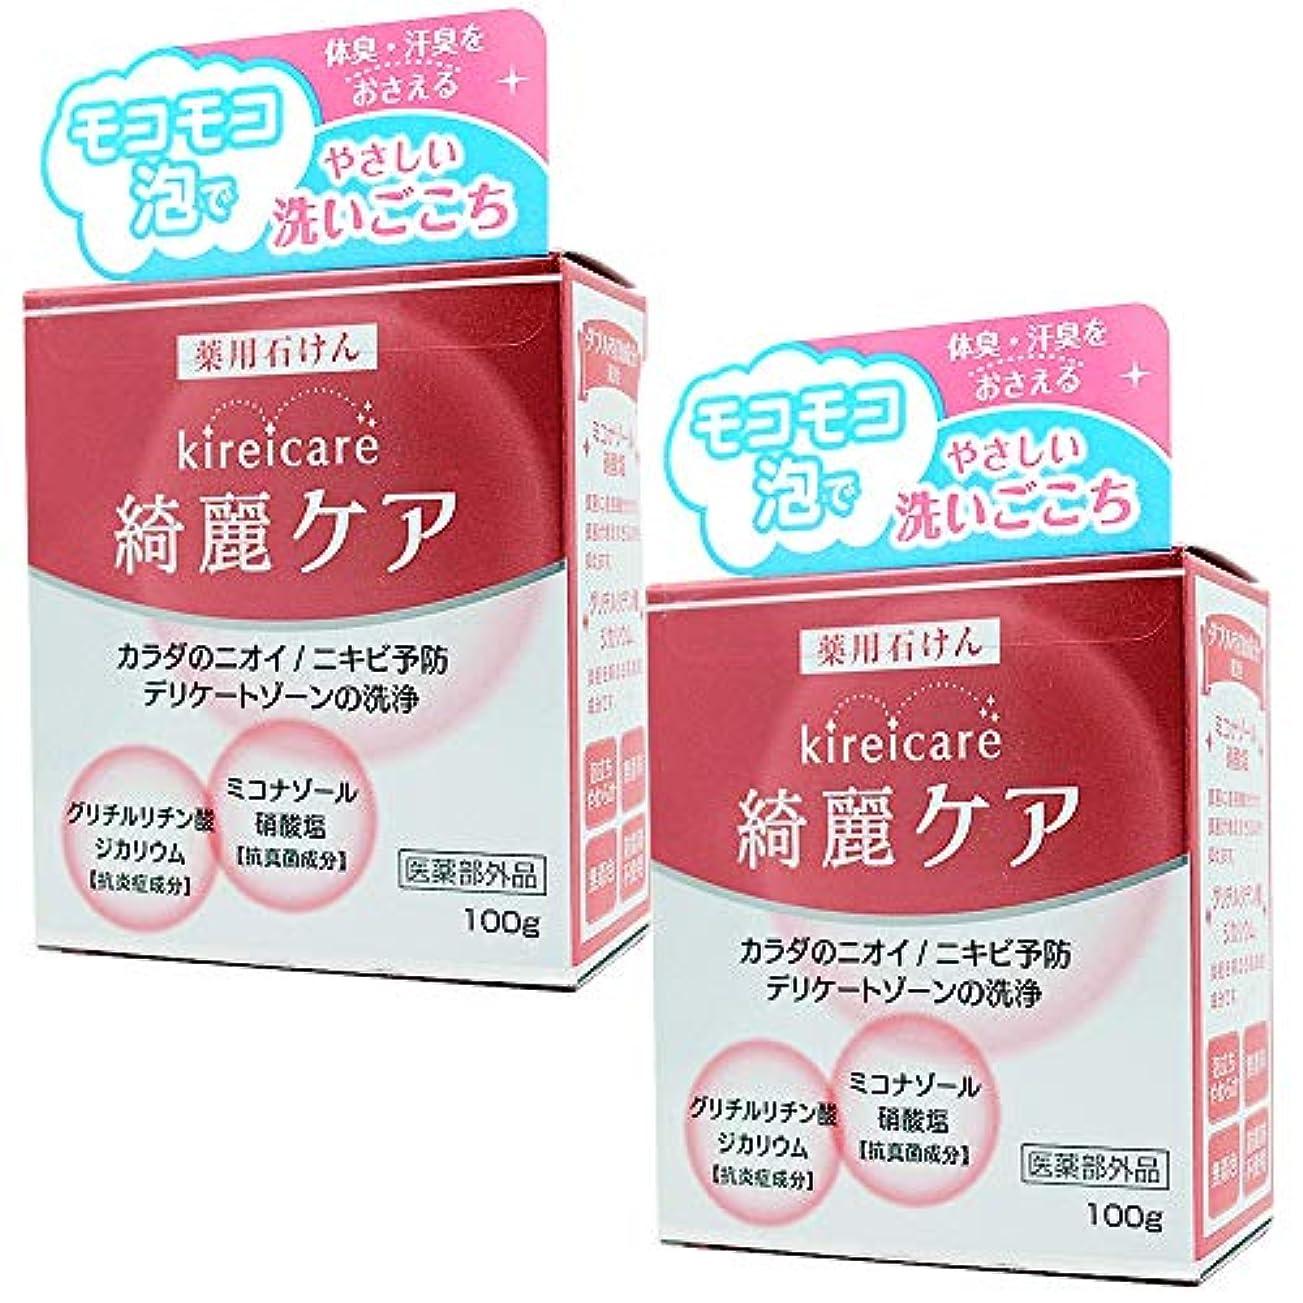 明るい二モチーフ白金製薬 ミコナゾール 綺麗ケア 薬用石けん 100g [医薬部外品] 2個セット